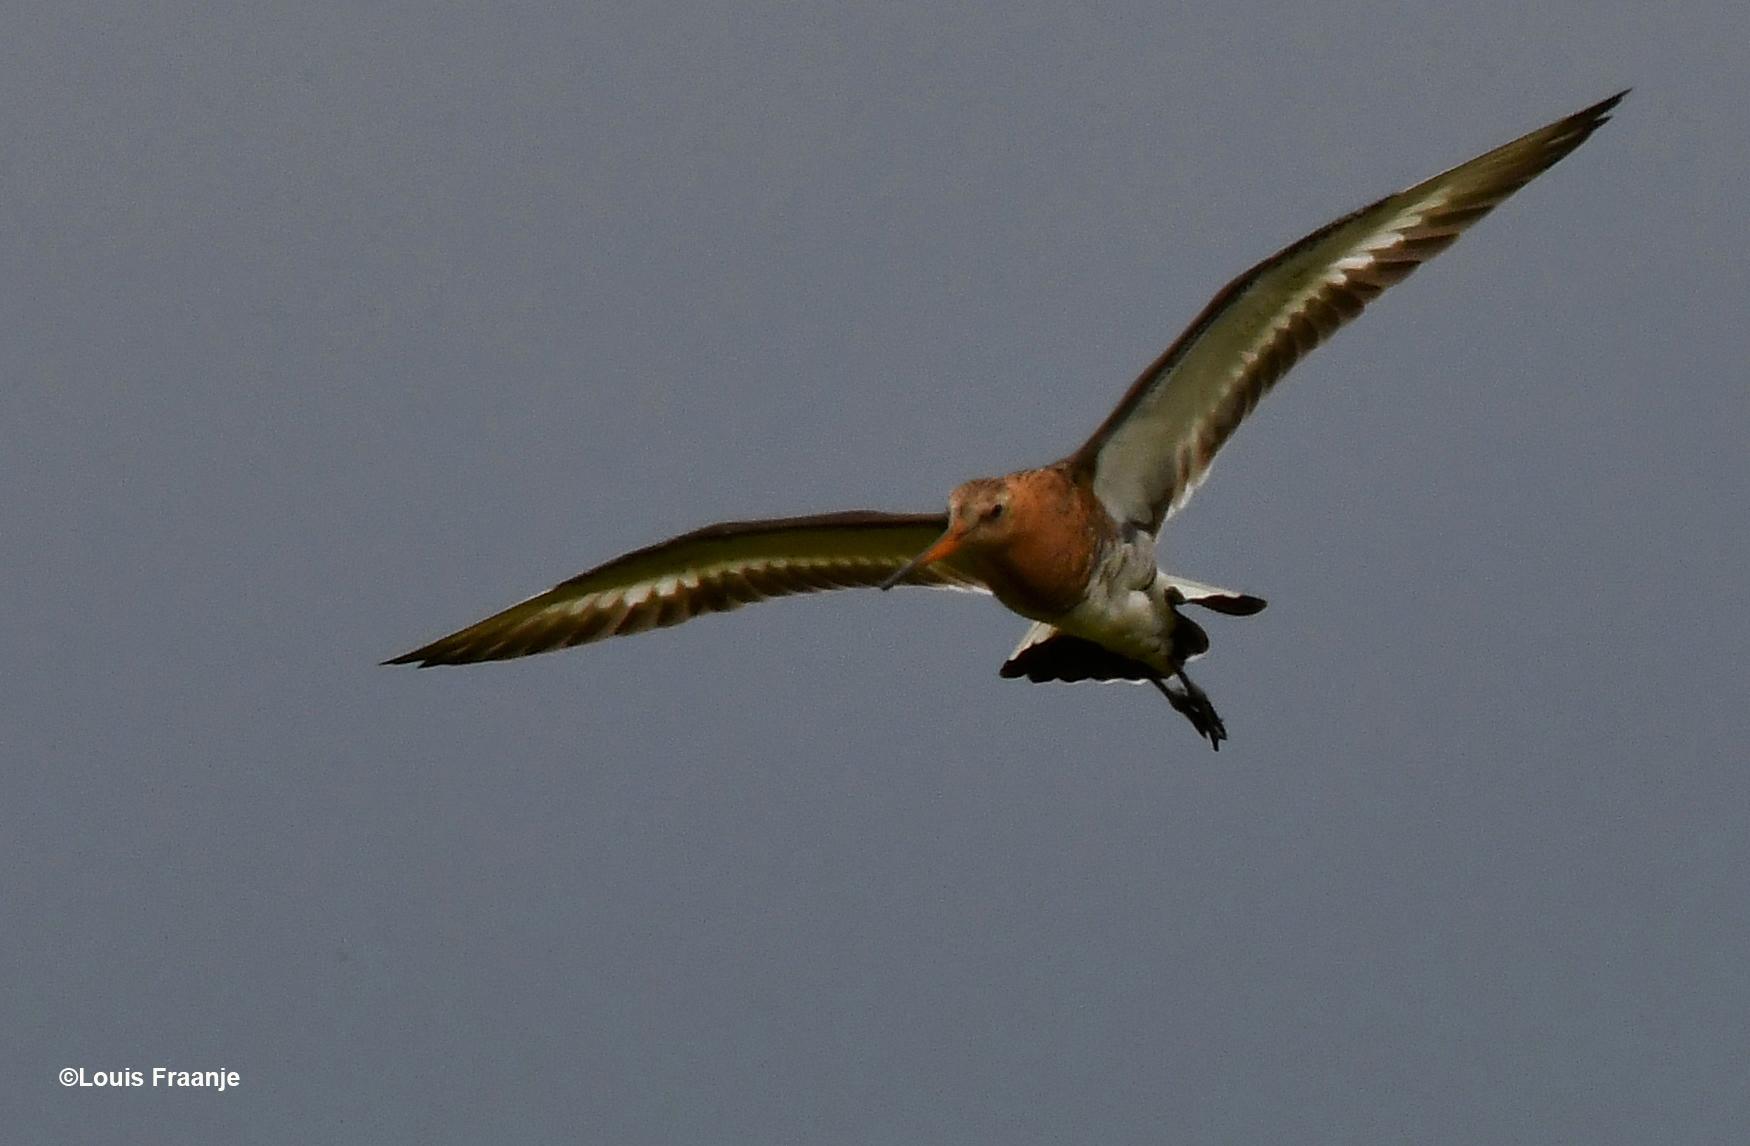 De grutto is een wat kleurrijker weidevogel dan de kievit - Foto: ©Louis Fraanje